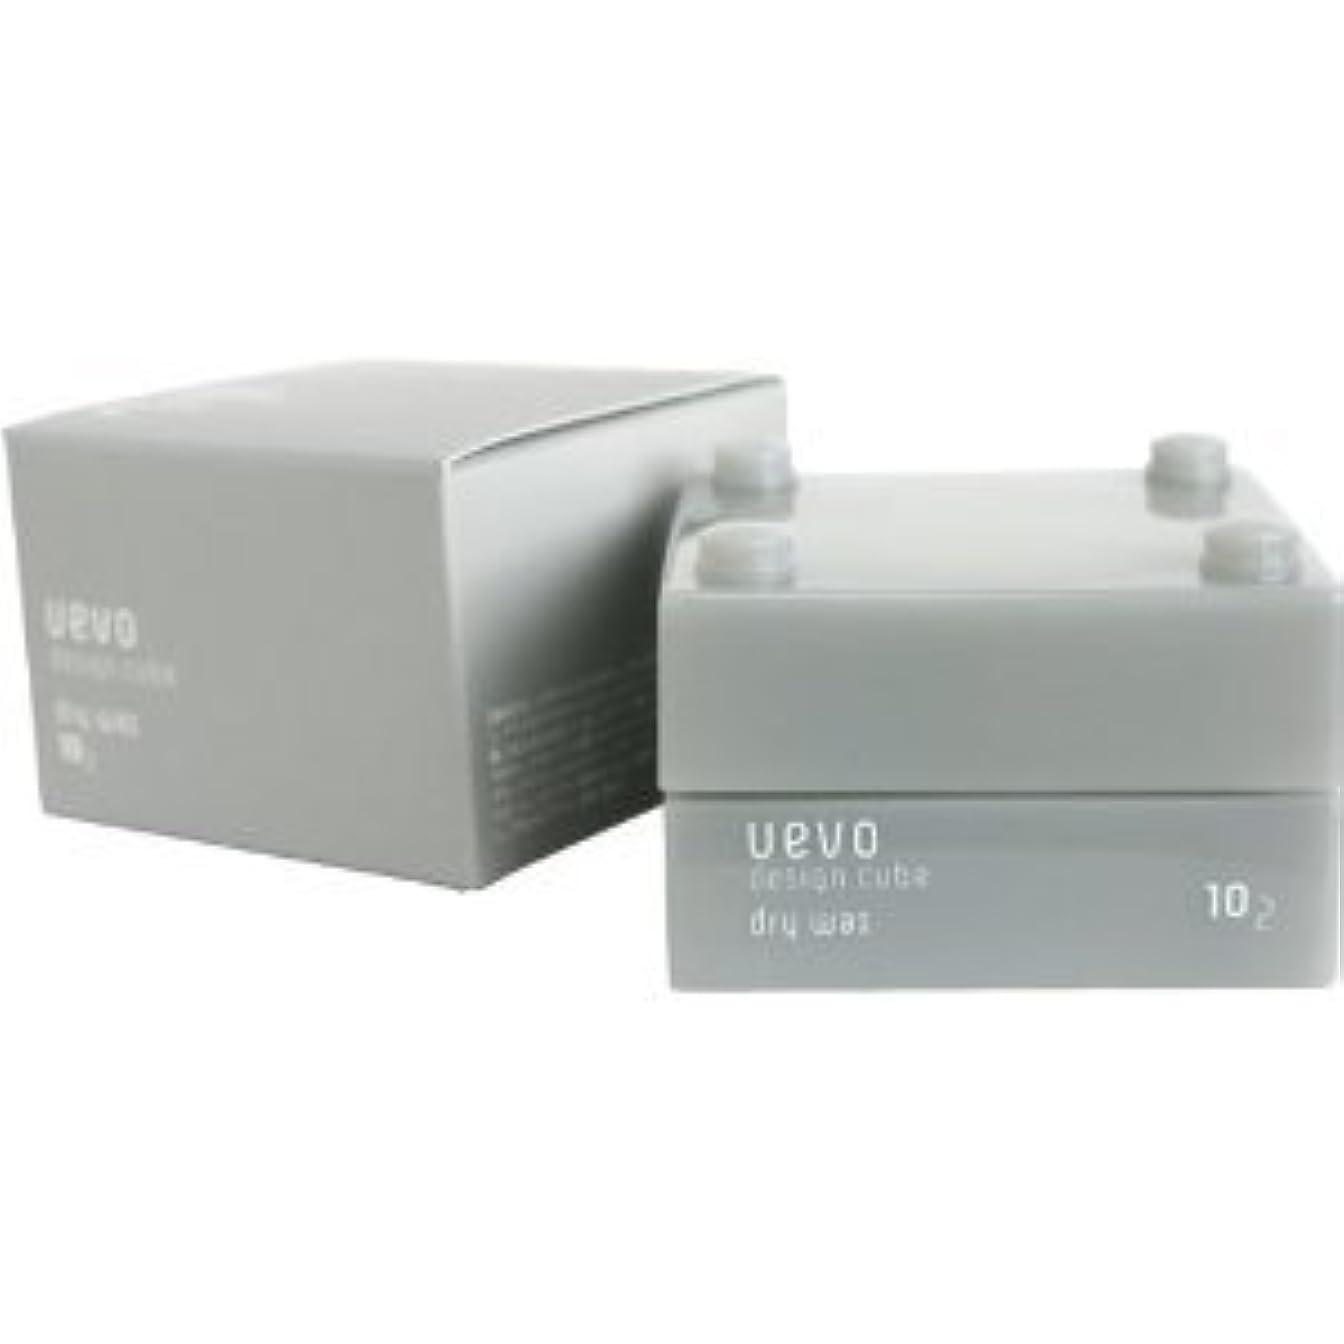 警報アサー振動させる【X2個セット】 デミ ウェーボ デザインキューブ ドライワックス 30g dry wax DEMI uevo design cube